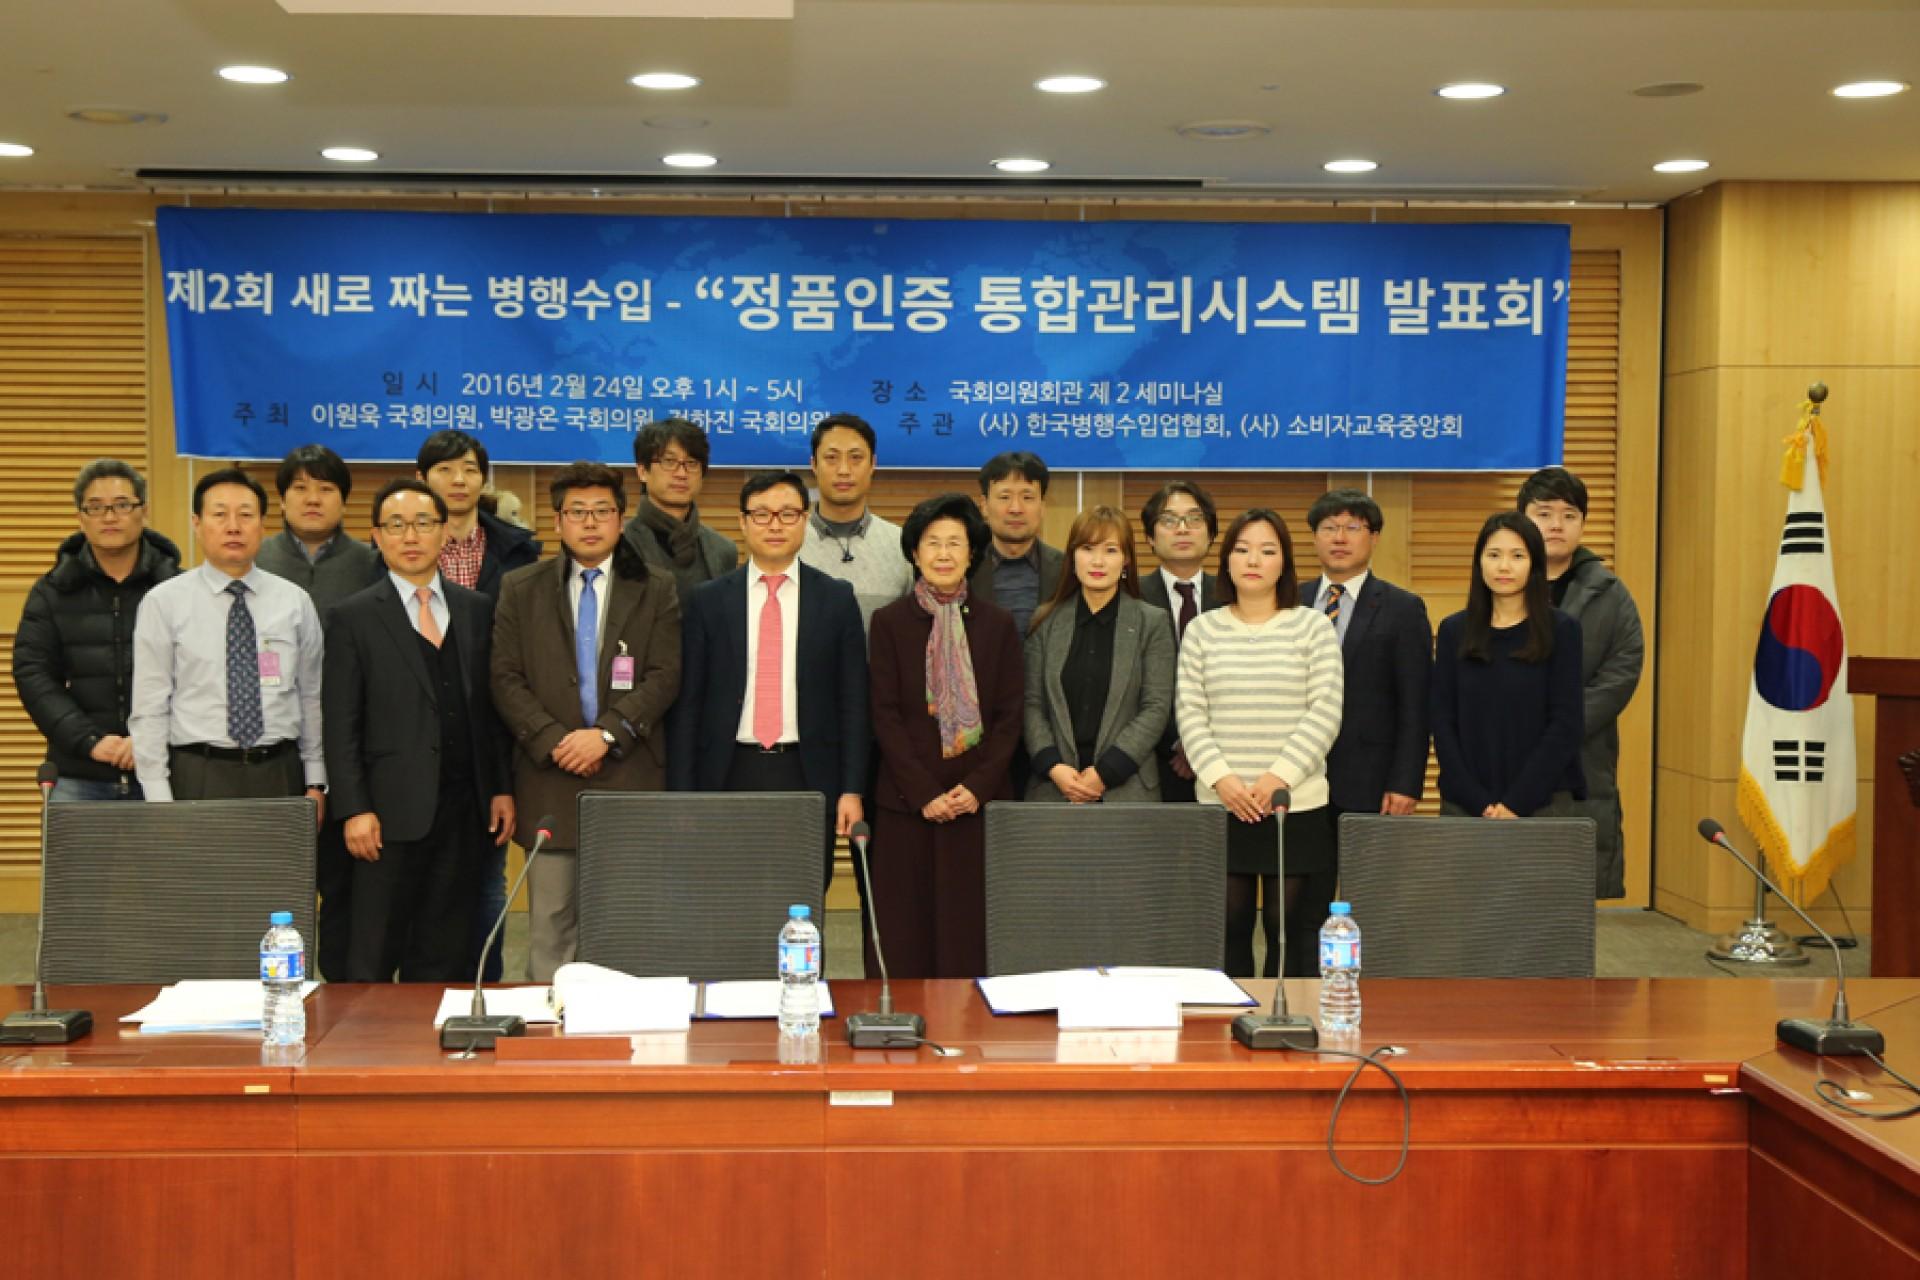 제2회 새로짜는 병행수입 – 정품인증 통합관리 시스템 발표회